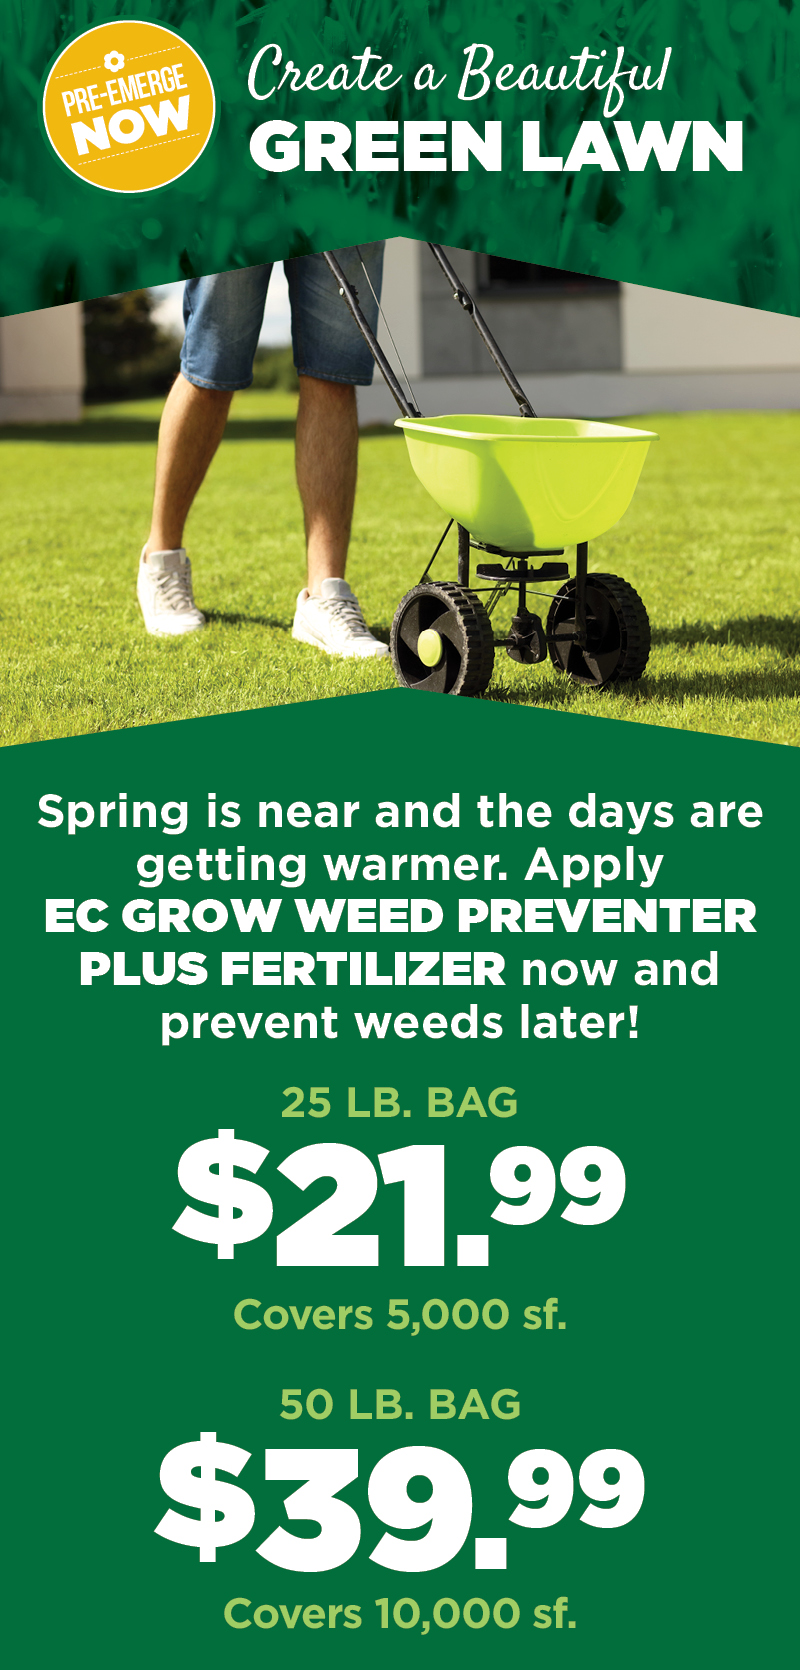 EC Grow